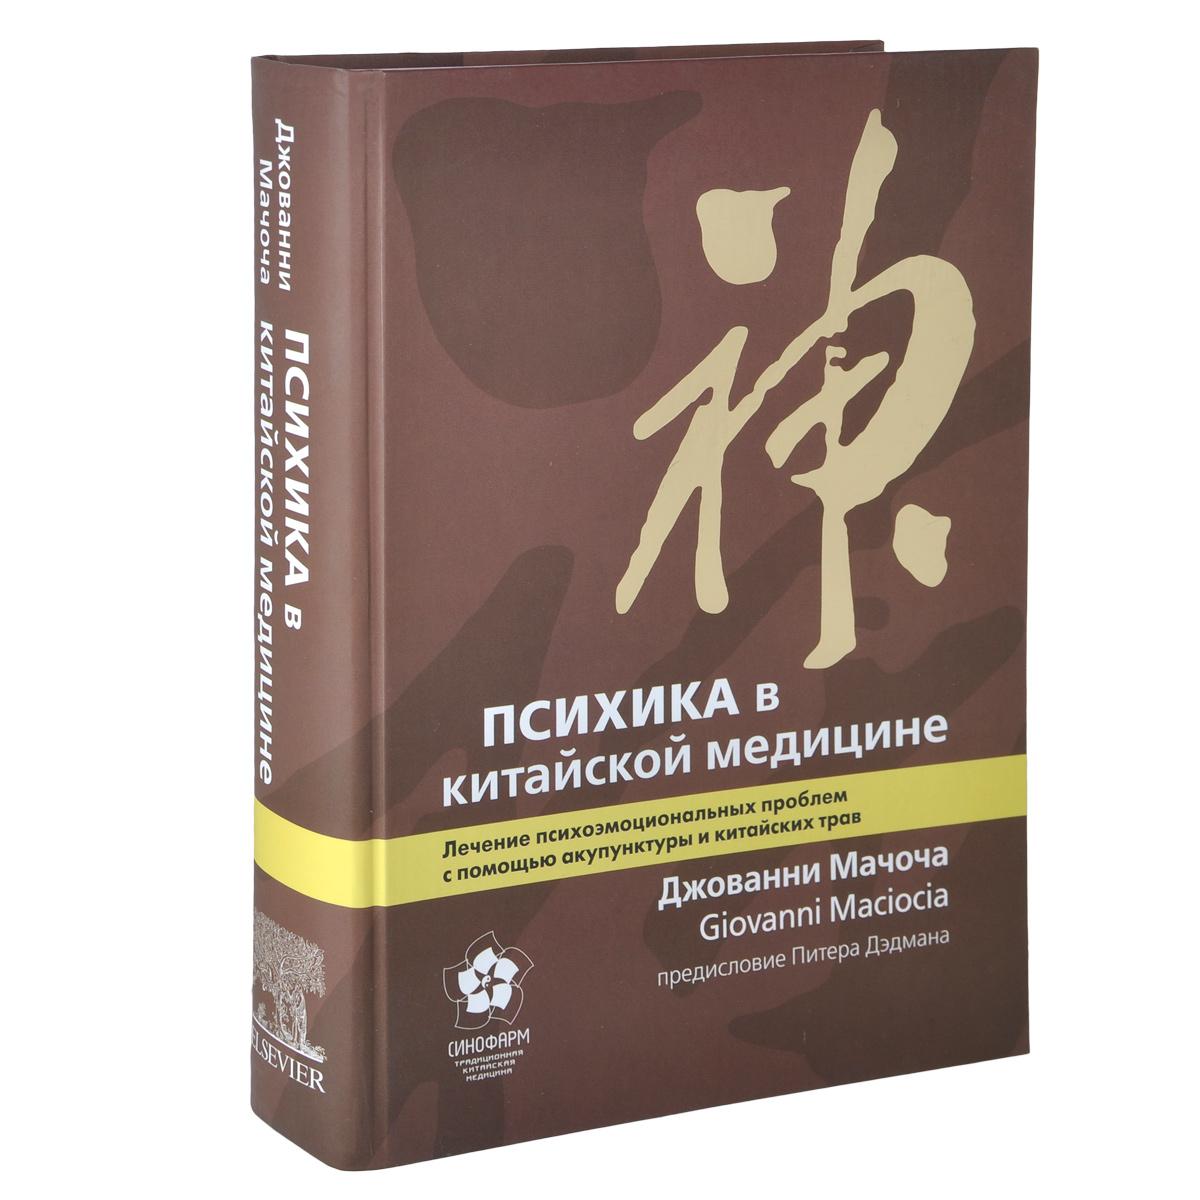 Психика в китайской медицине. Лечение психоэмоциональных проблем с помощью акупунктуры и китайских трав